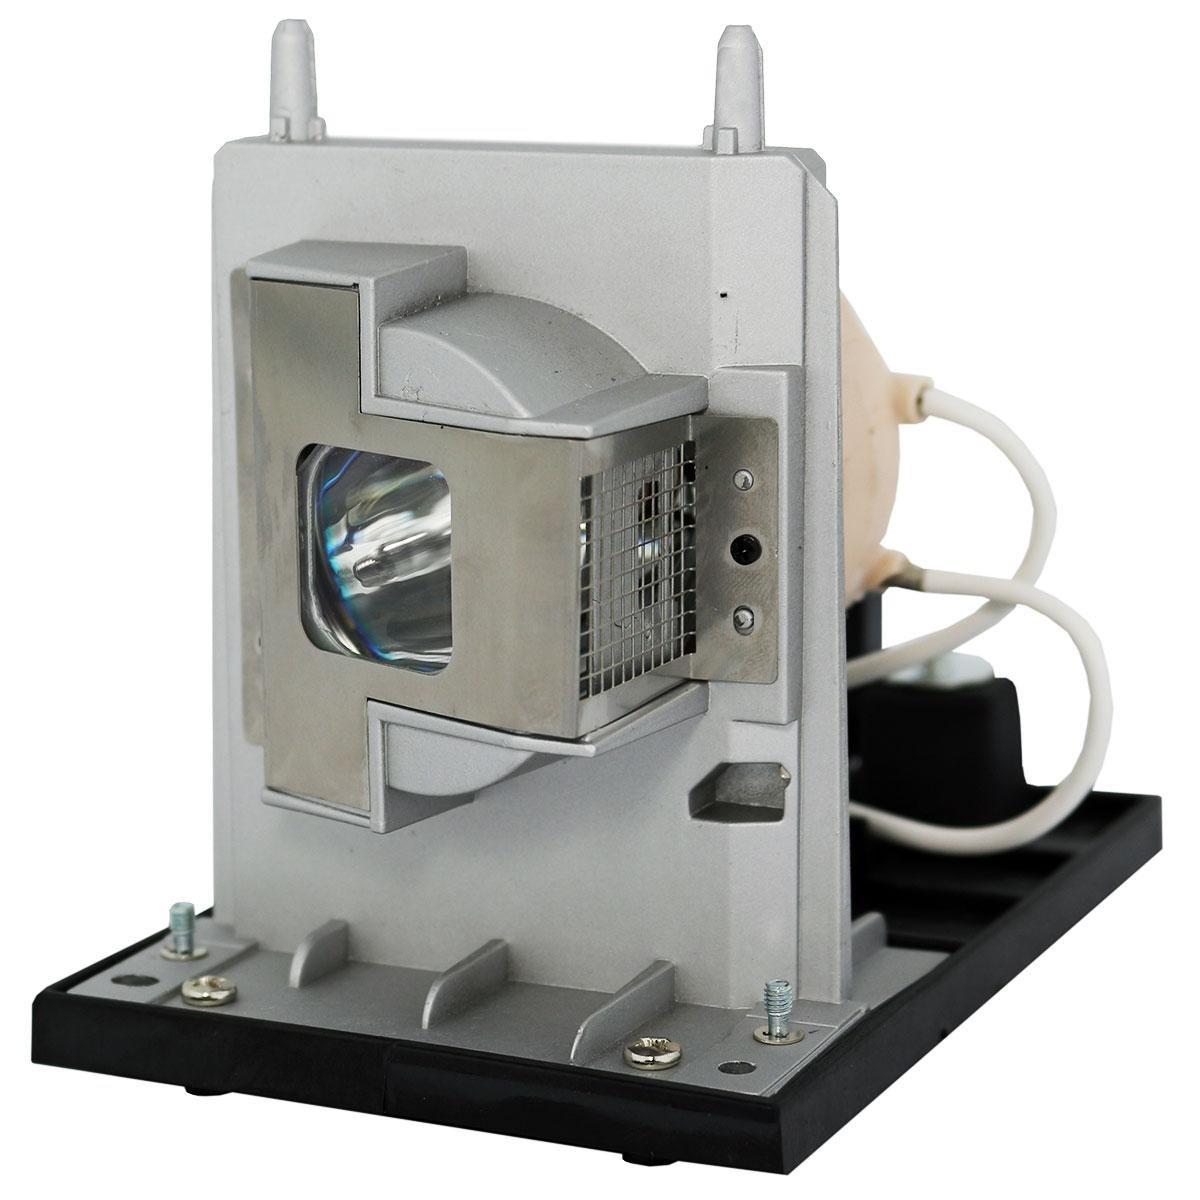 20 - 01175 - 20 - Smart Board UX60 proyector proyección ...